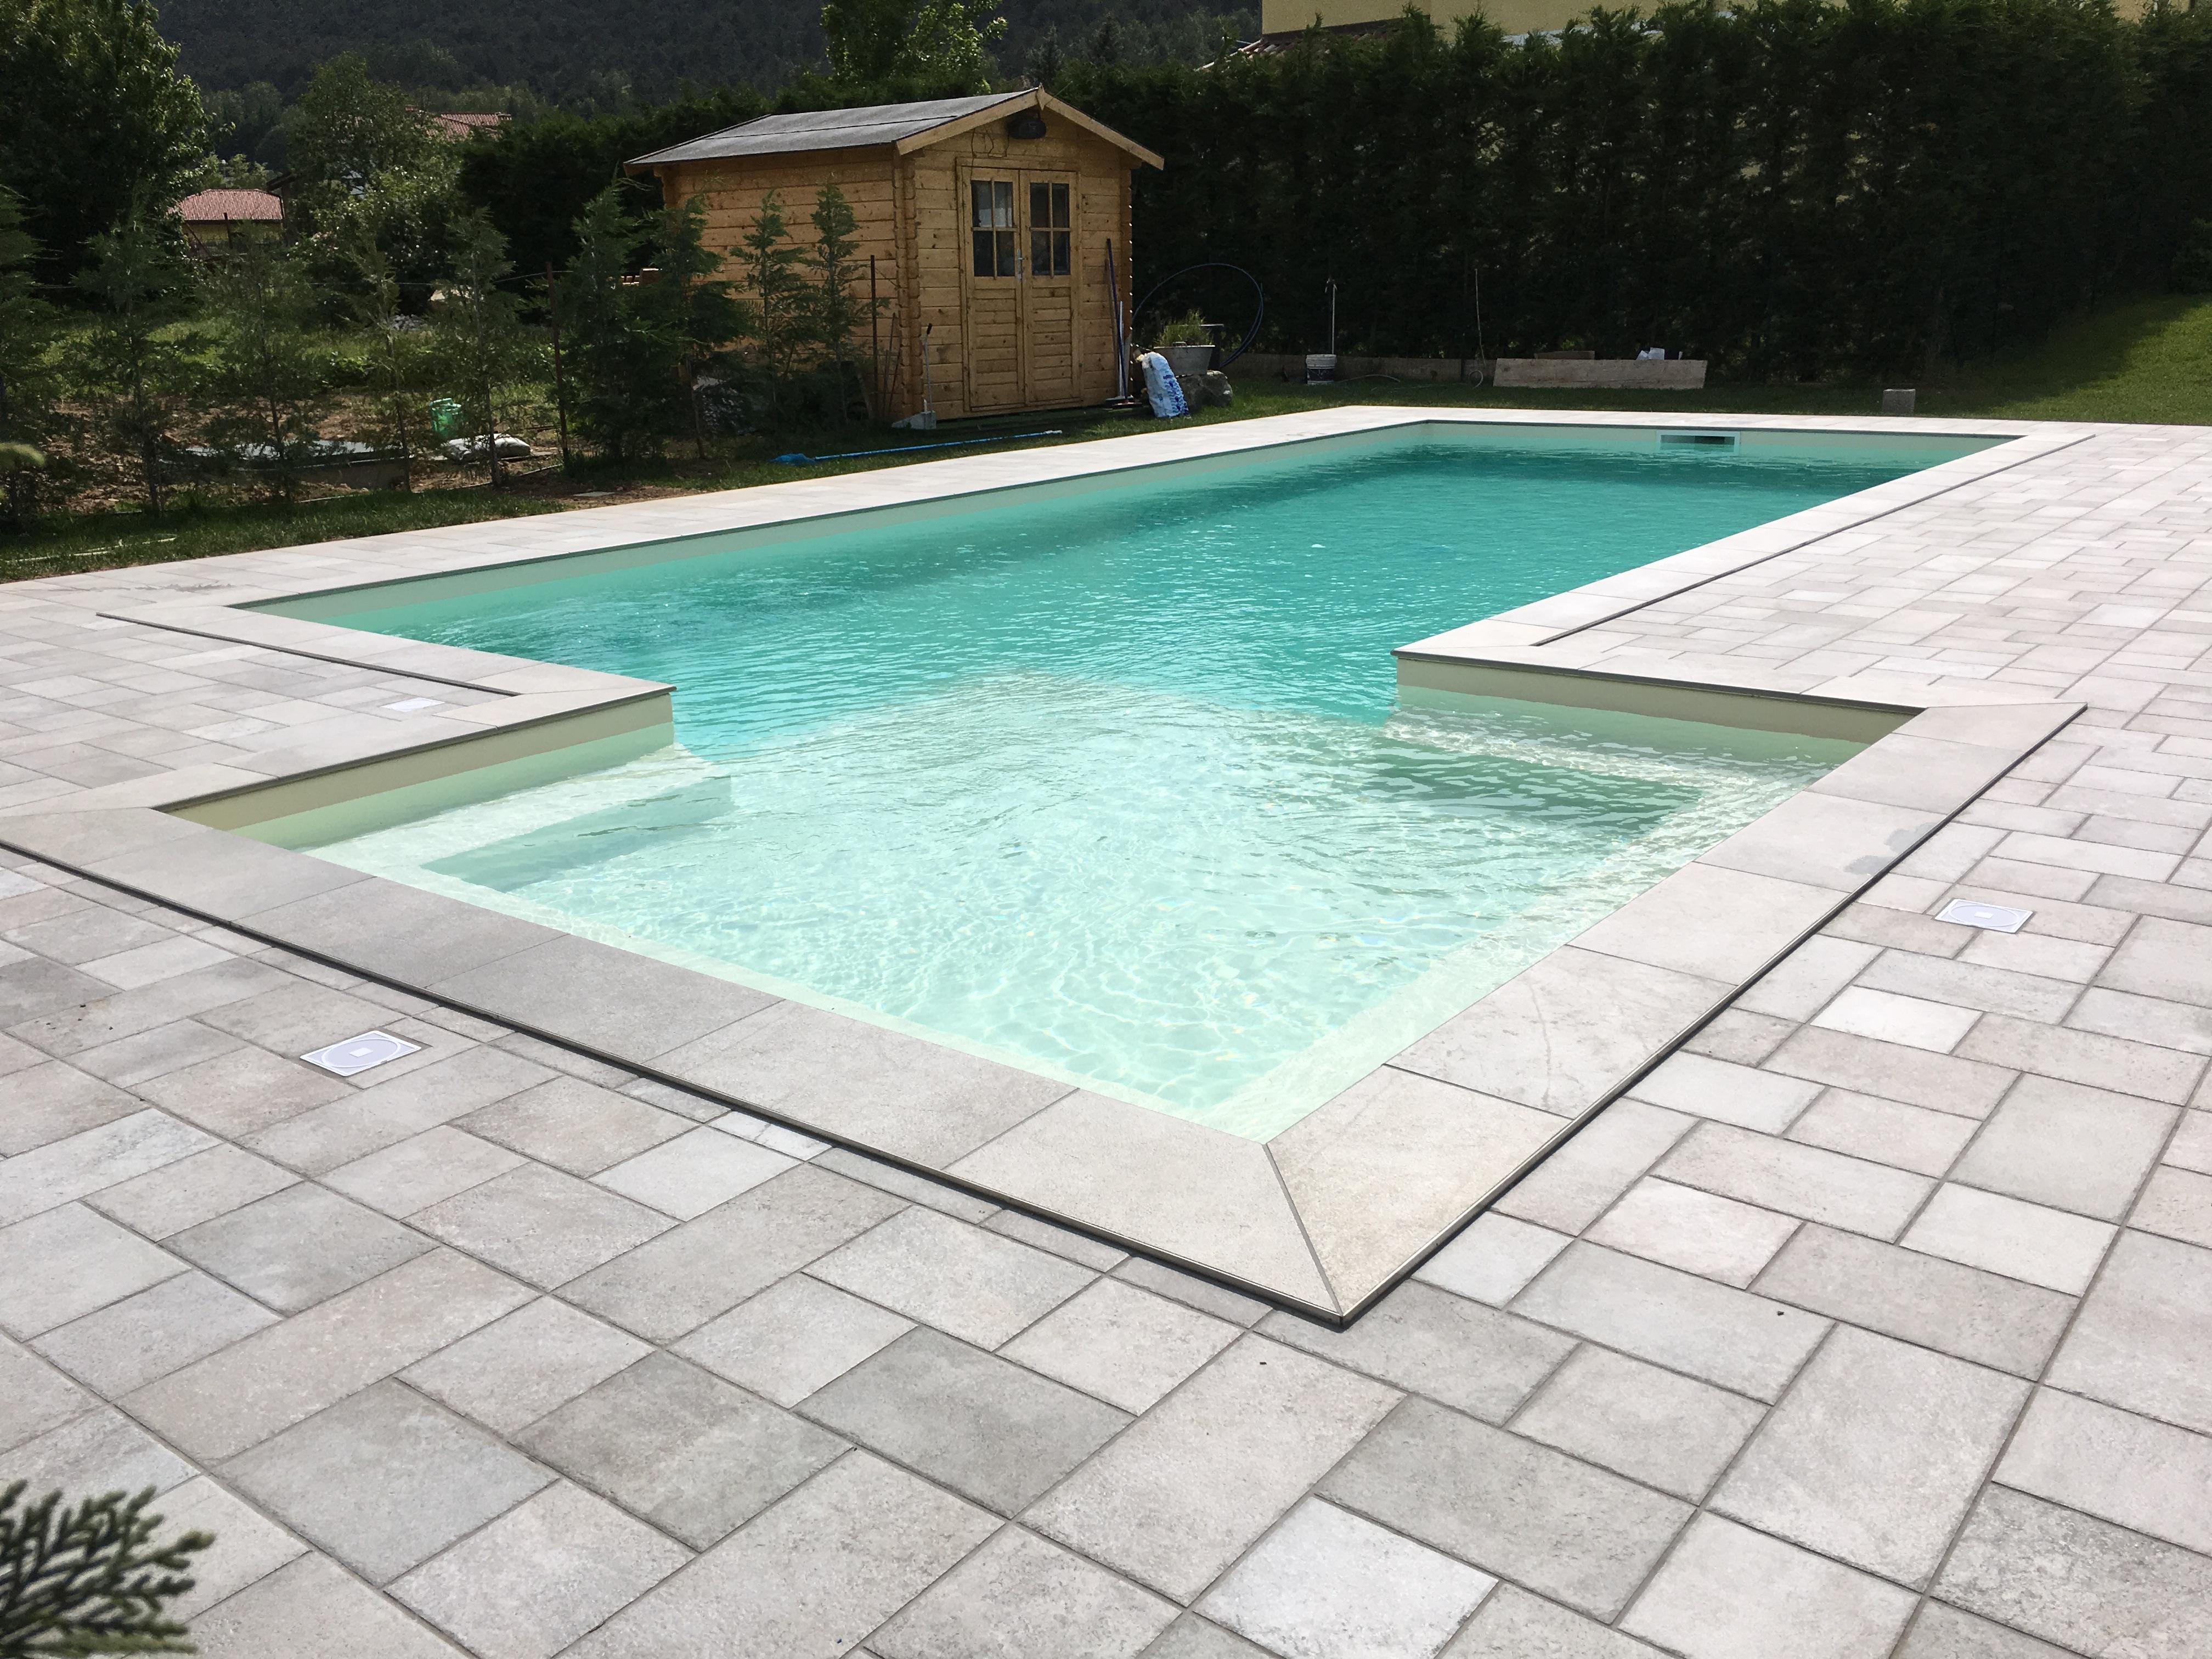 Piscine interrate in vetroresina piscina interrata for Piscine interrate in vetroresina